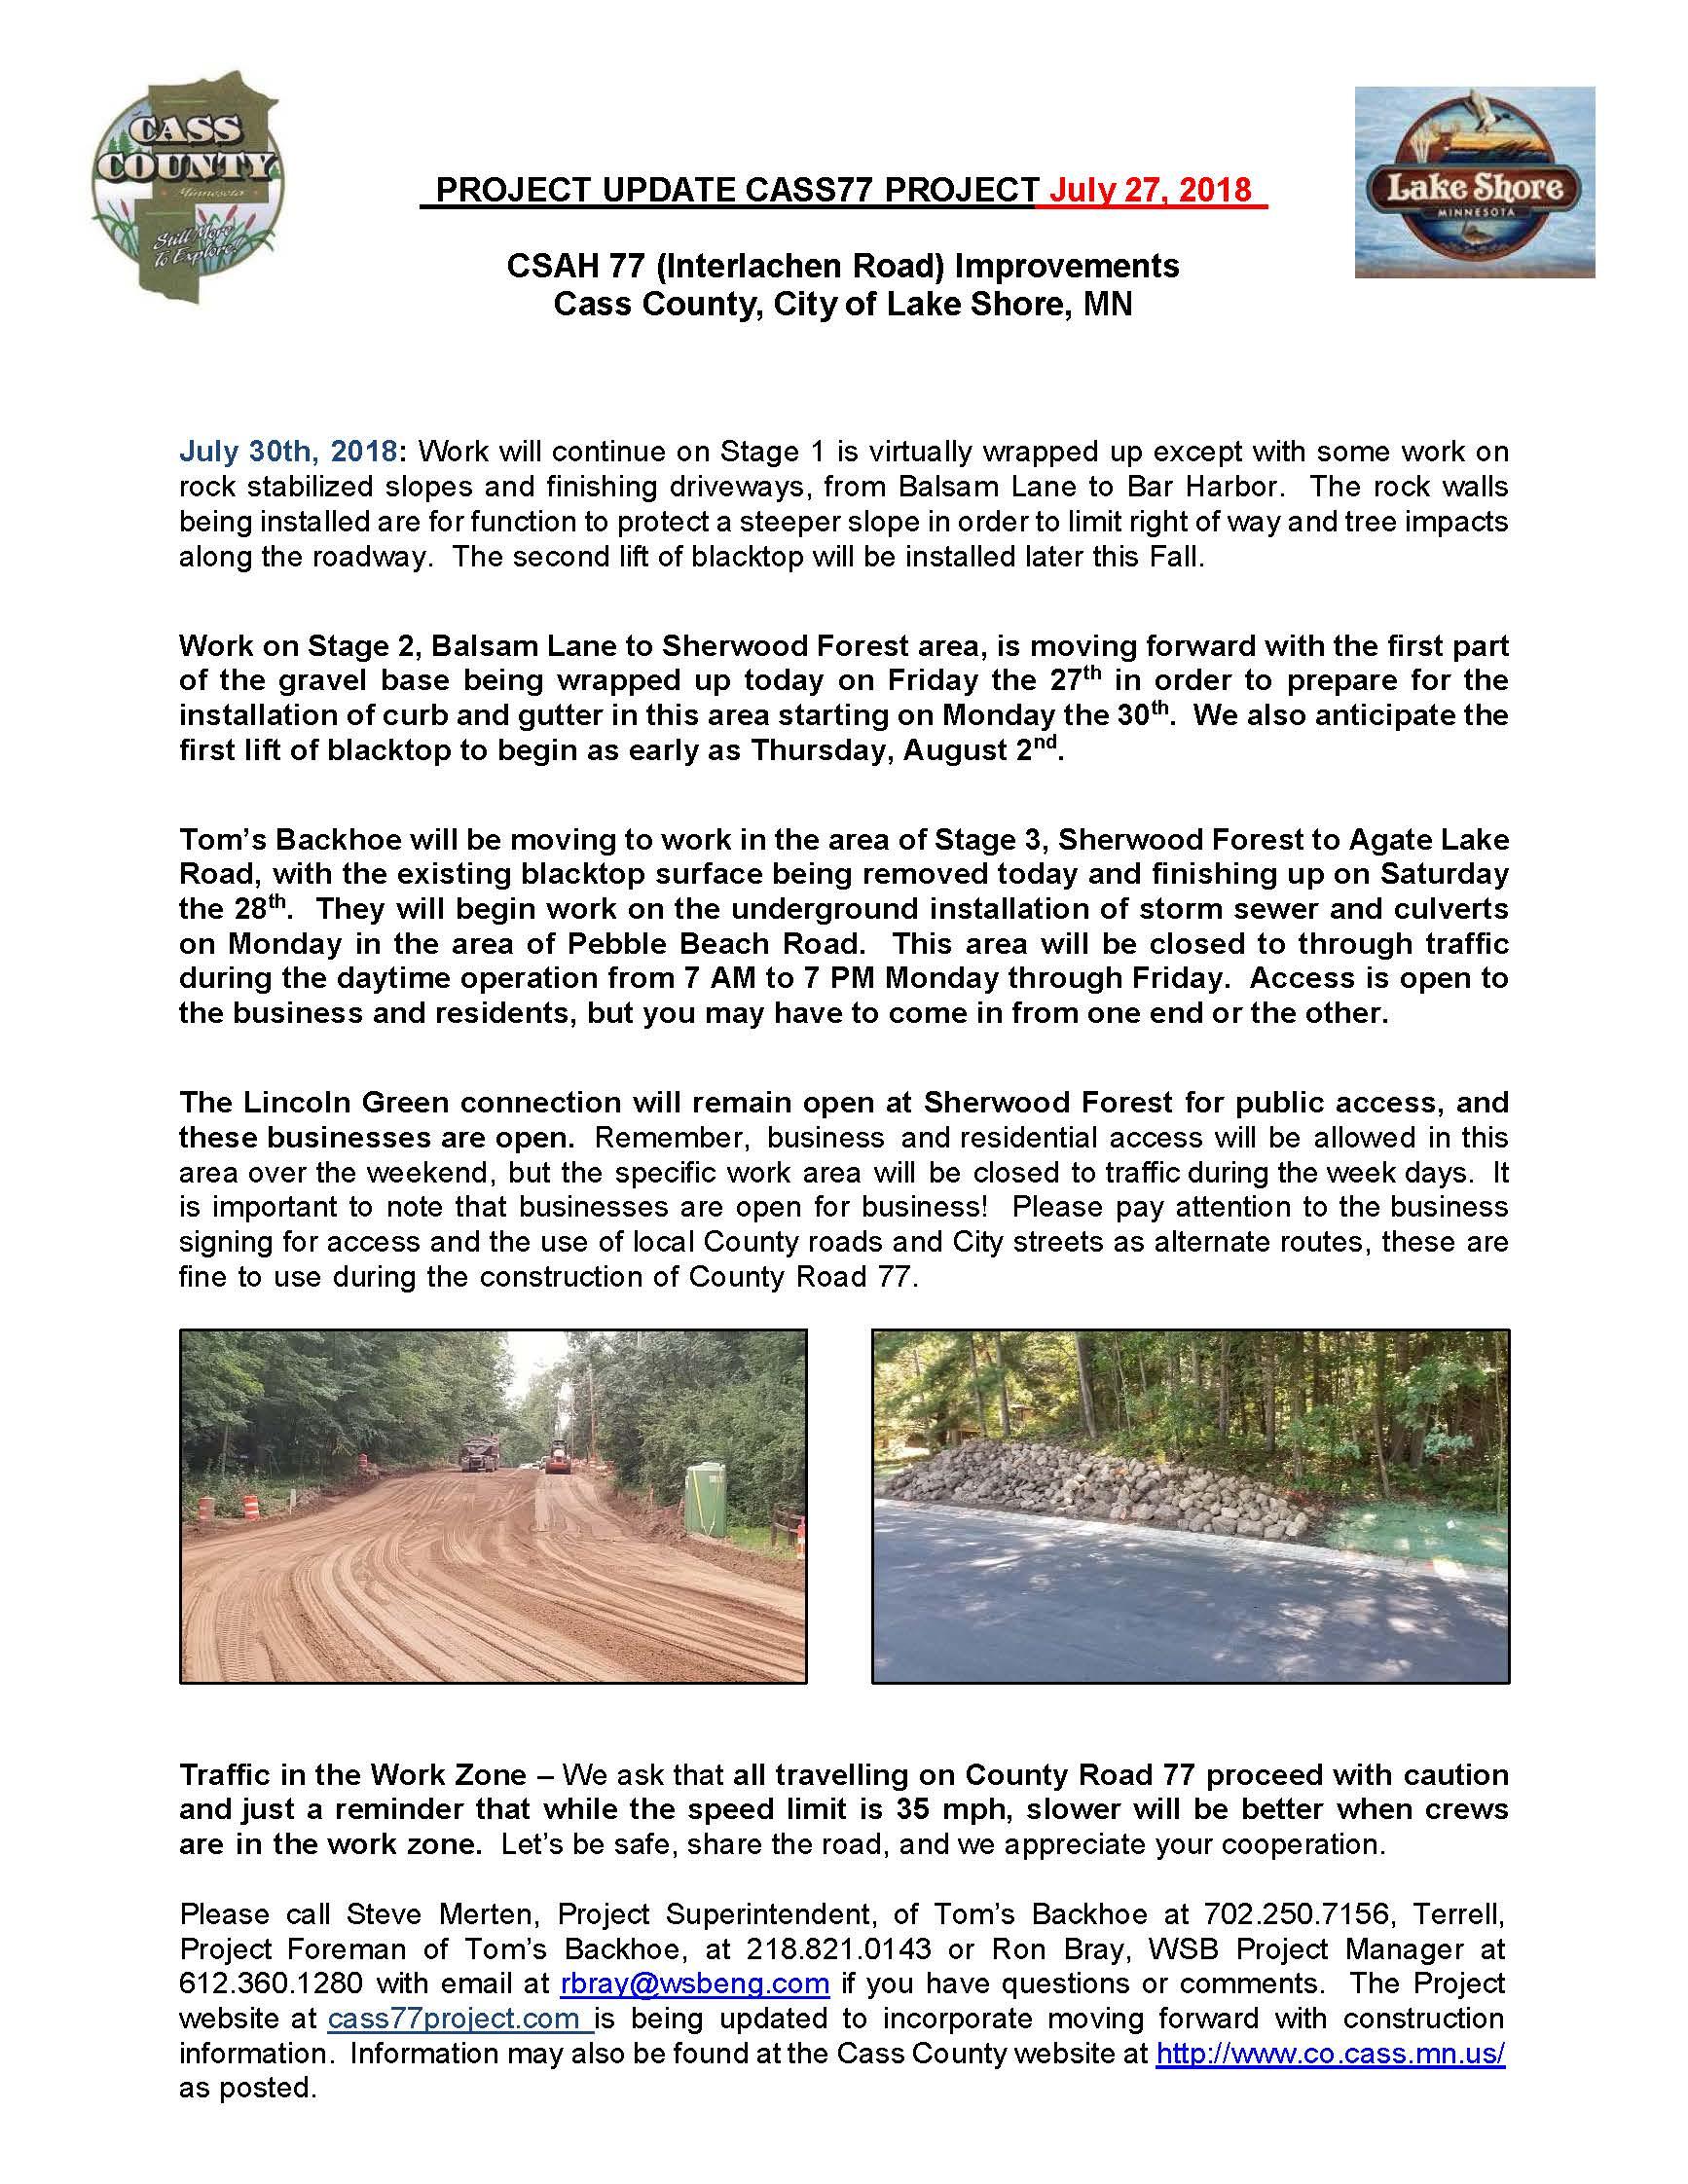 Cass County CSAH 77 Project update July 27 2018.jpg